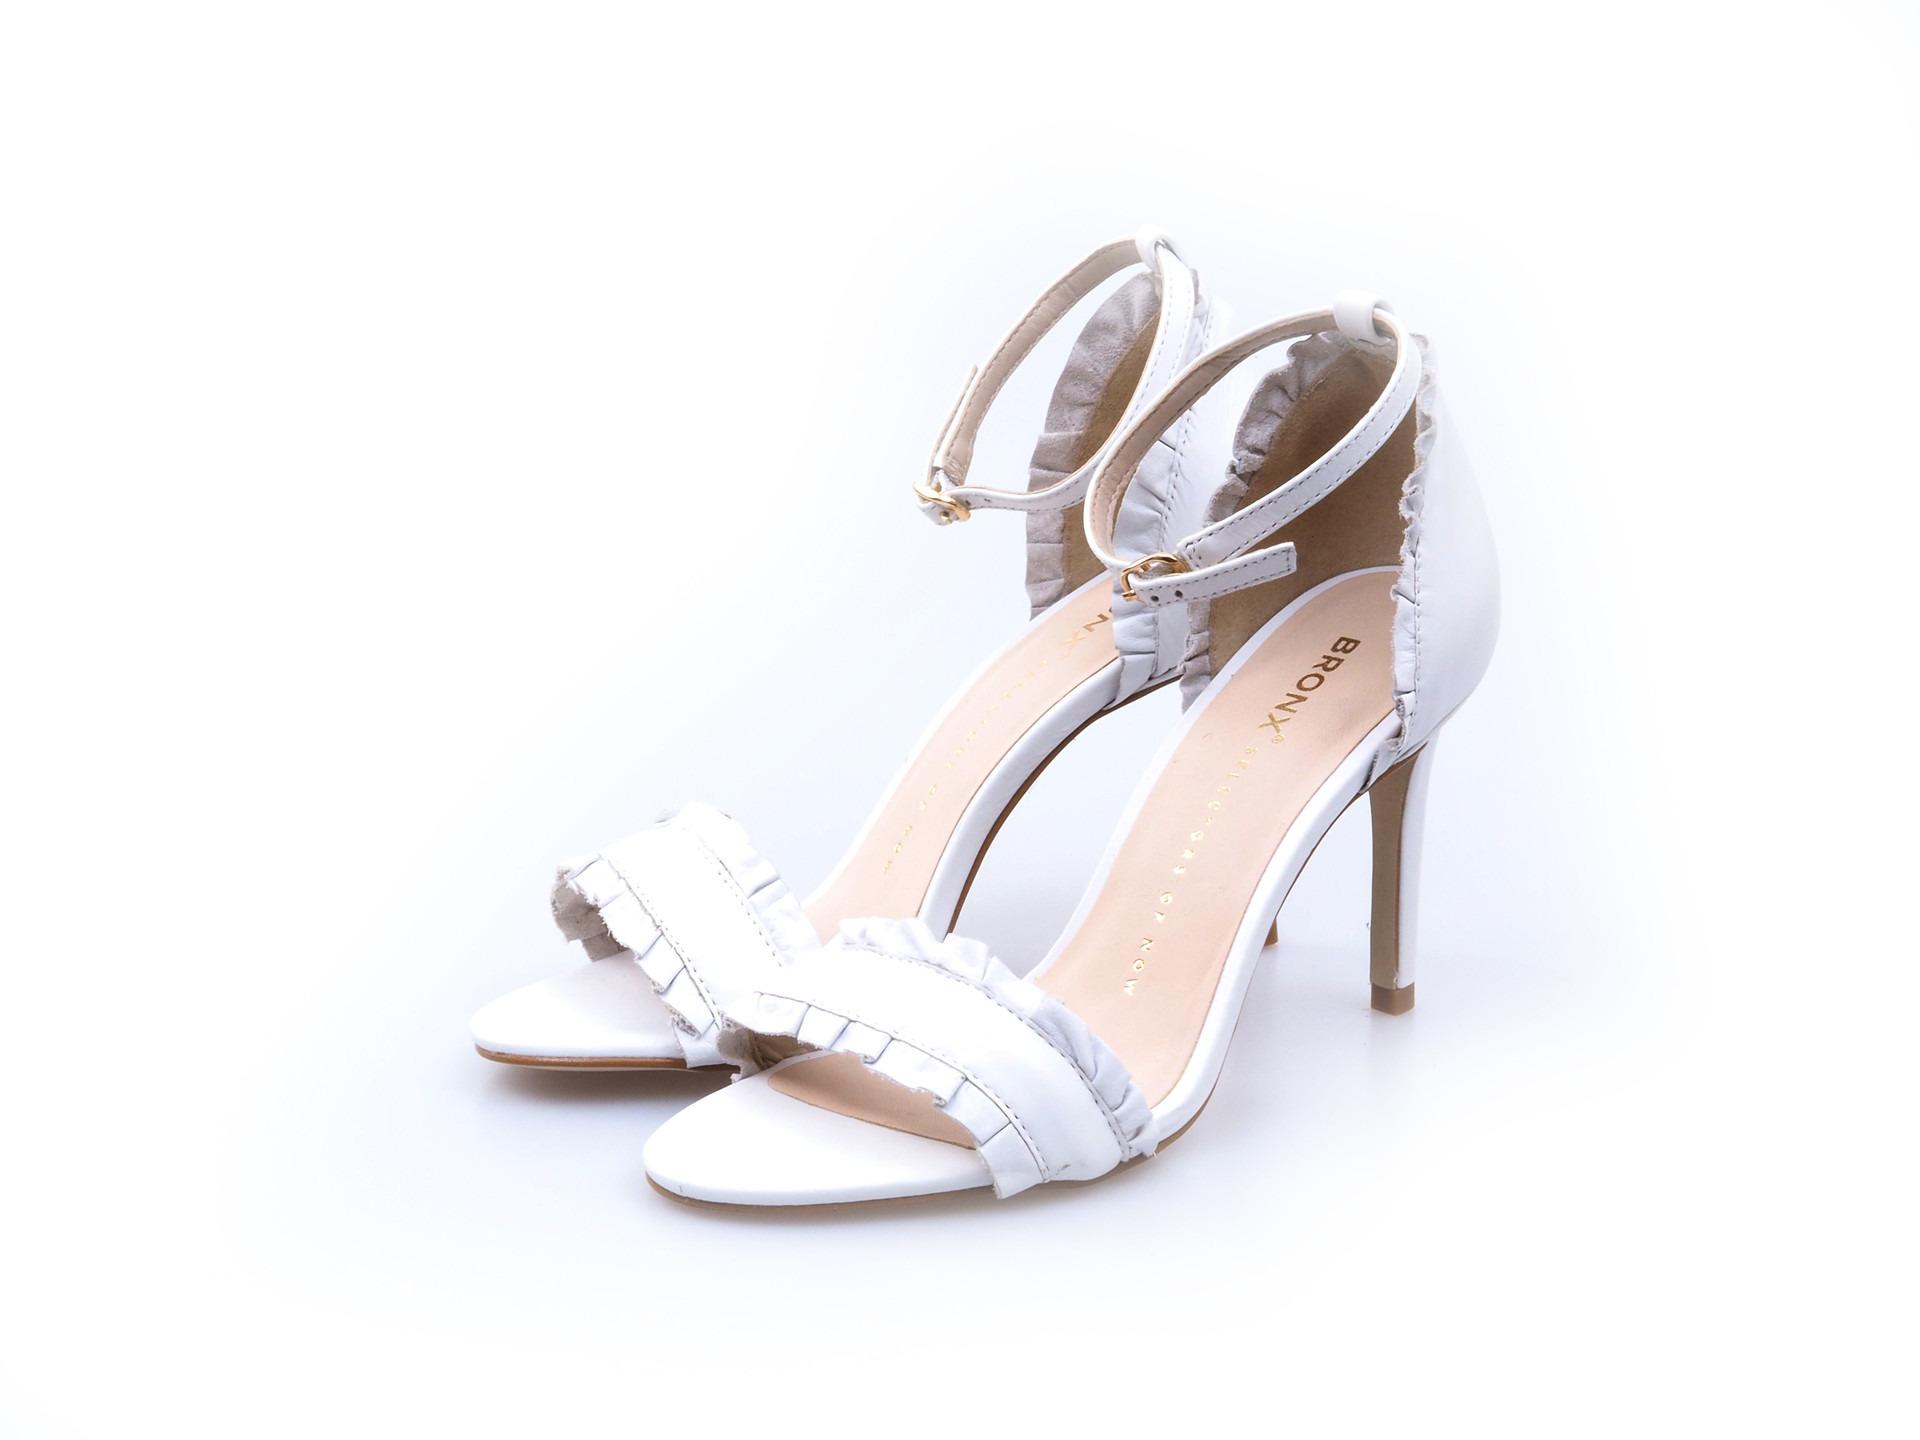 01a0915584 Soňa - Dámska obuv - Spoločenská obuv - Bronx dámska spoločenská ...